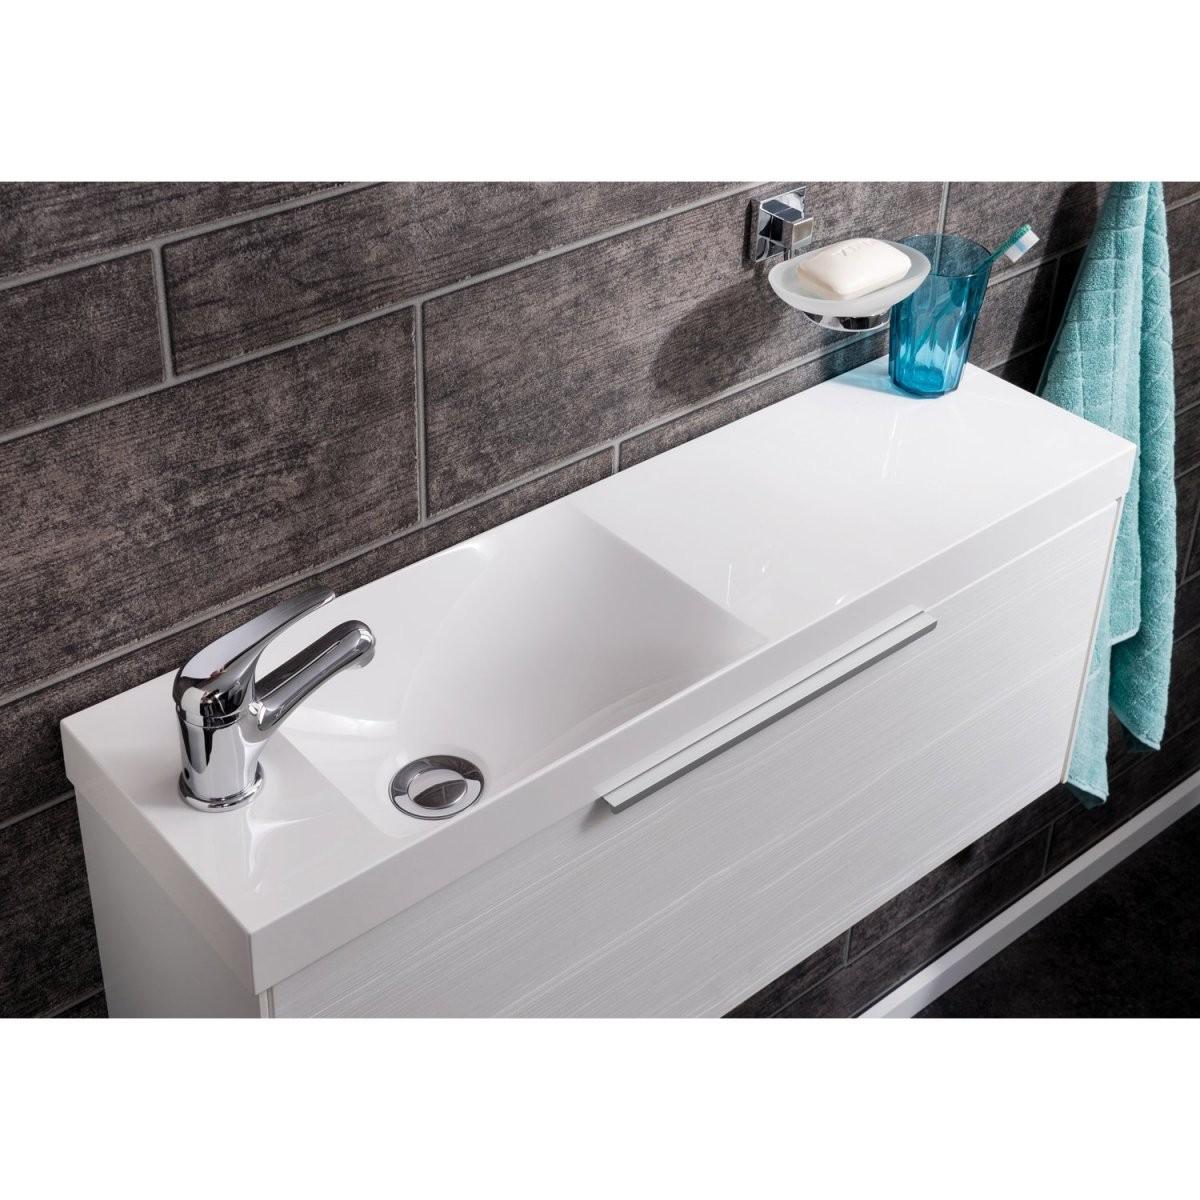 Fackelmann Designwaschbecken 80 Cm Scera Slim Weiß Kaufen Bei Obi von Waschbecken 35 Cm Tief Photo